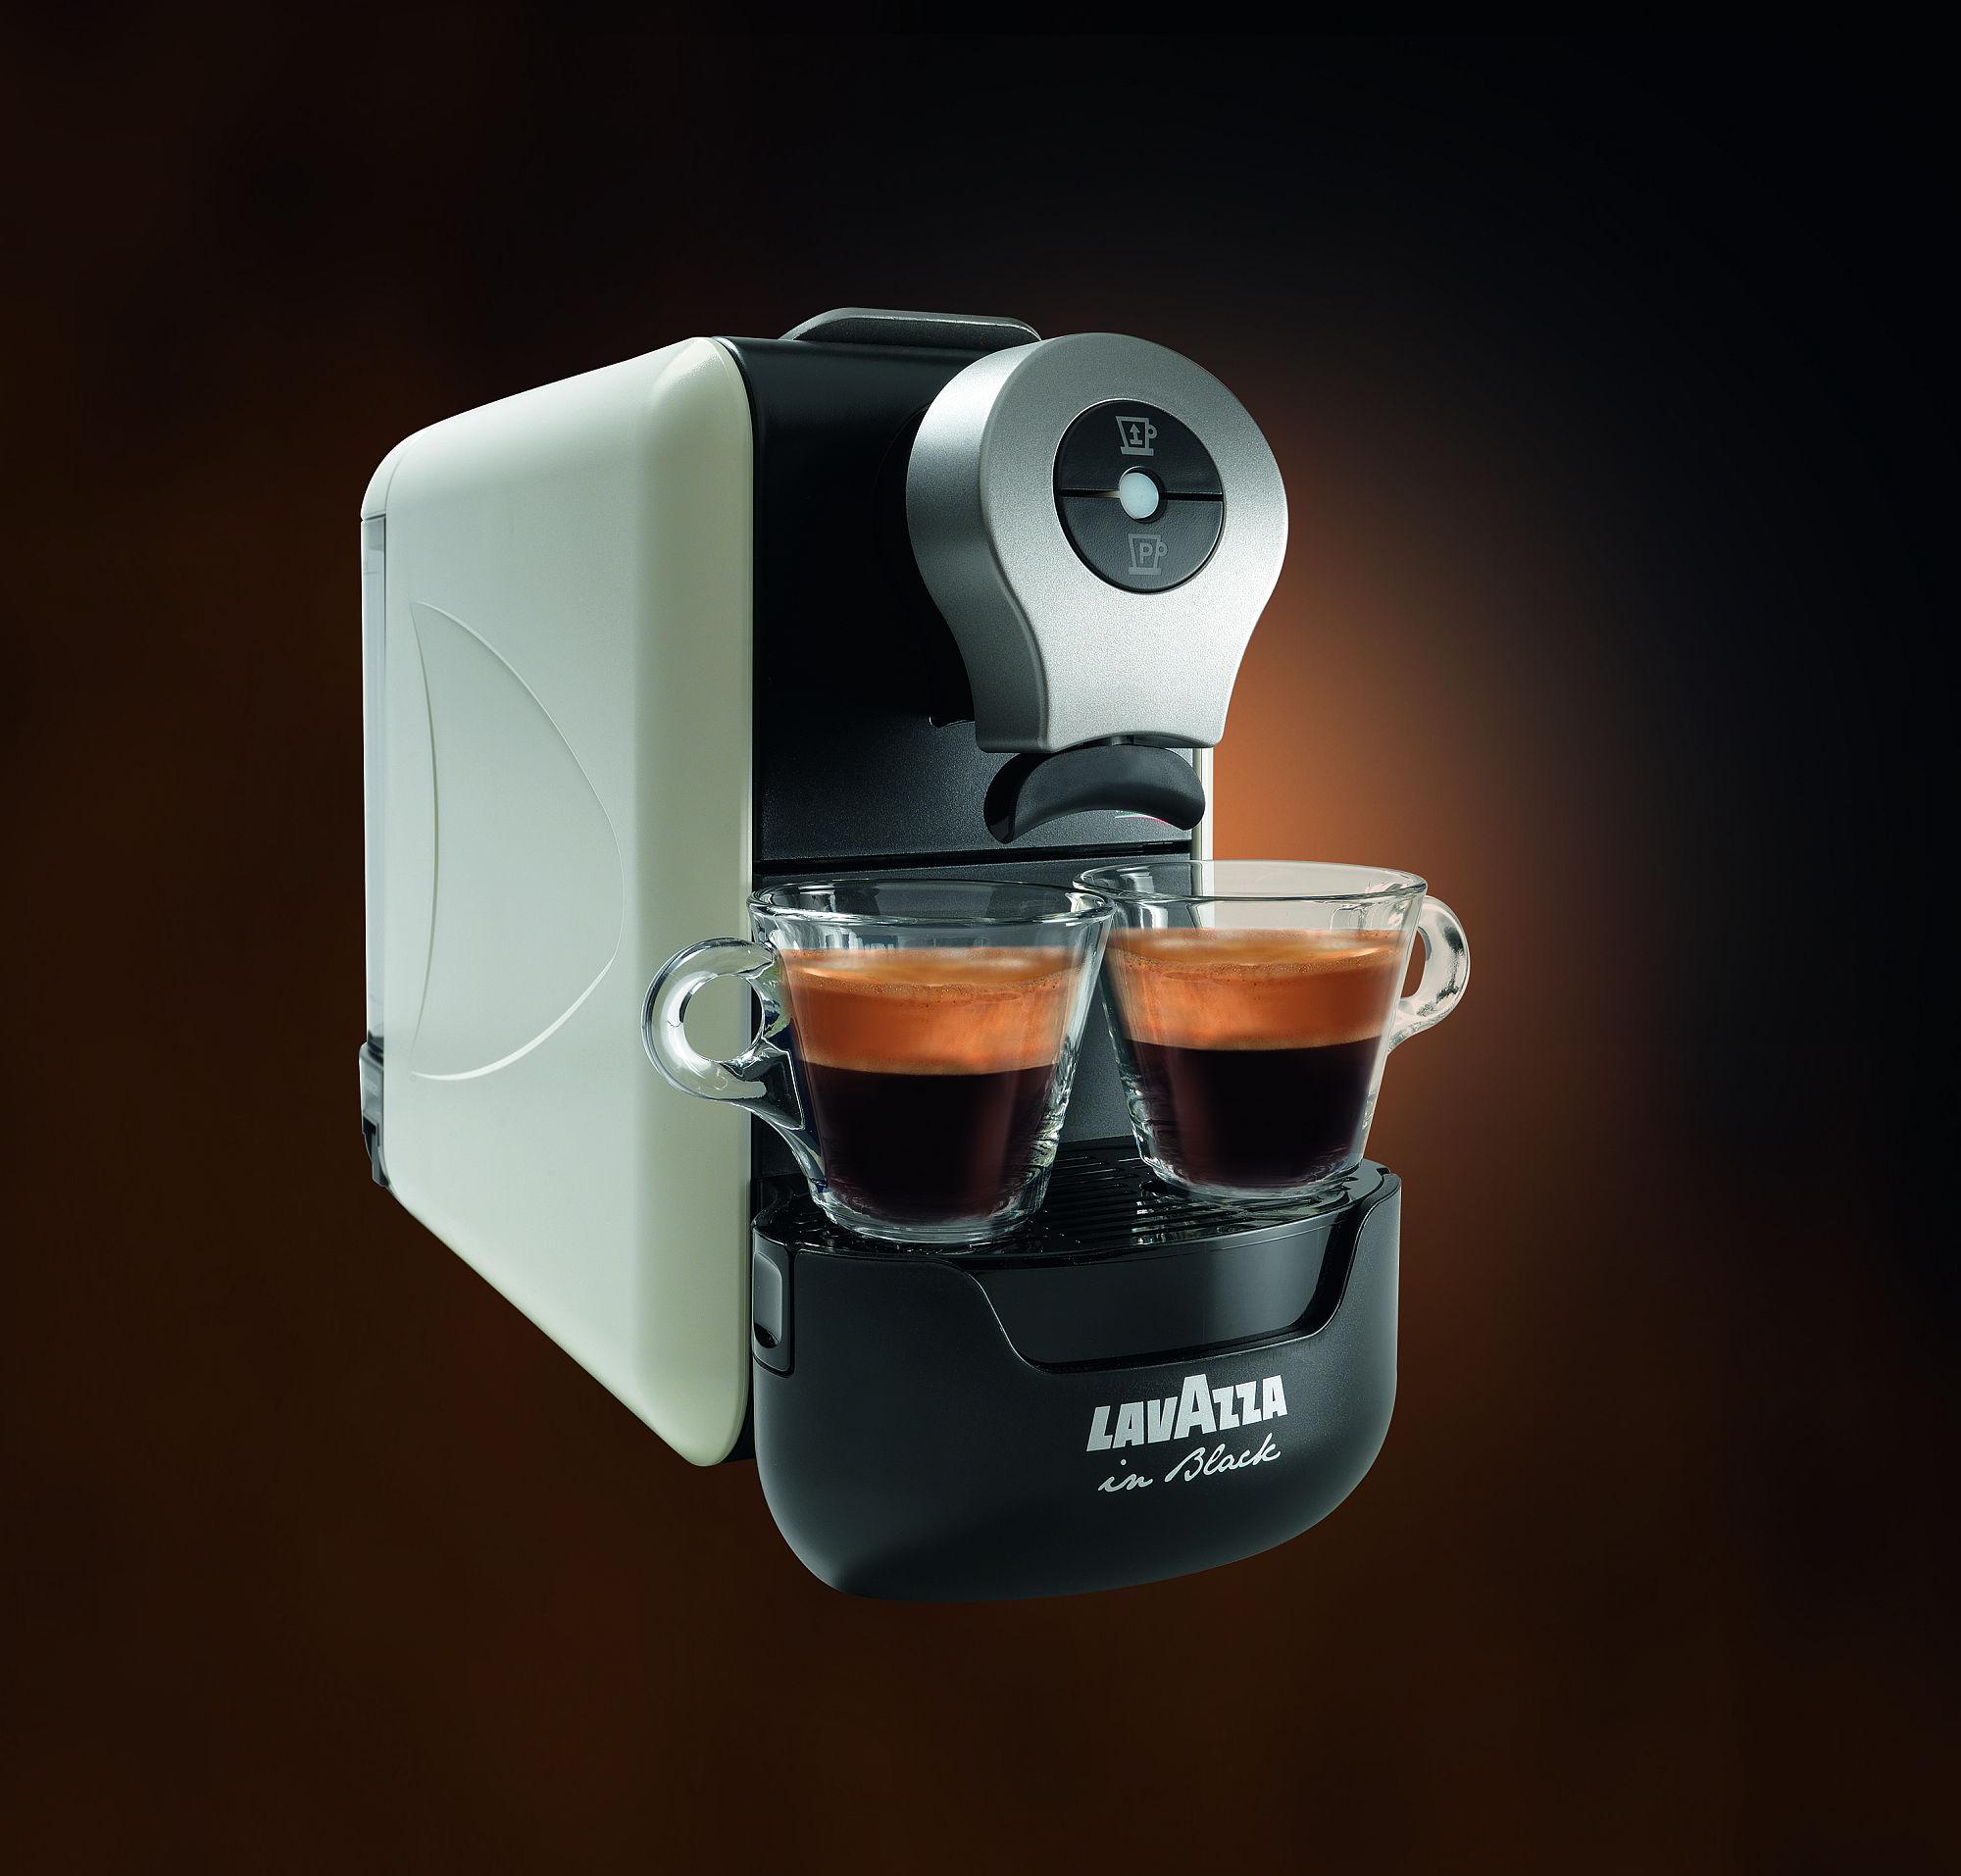 Macchina caffe 39 lavazza in black compact ebay - Macchina caffe lavazza in black ...